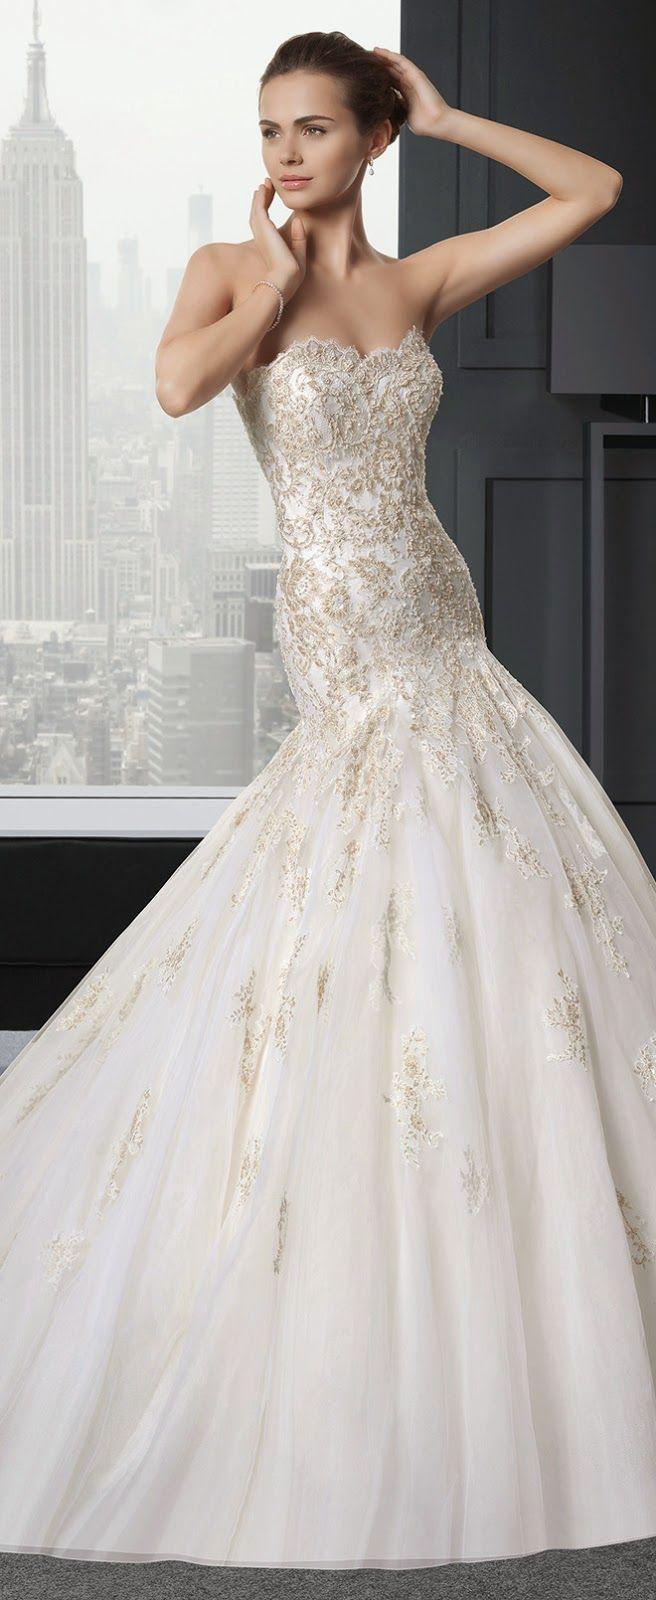 きらめき高級感NO.1♡シャンパンゴールドカラーのウェディングドレスまとめ♡にて紹介している画像